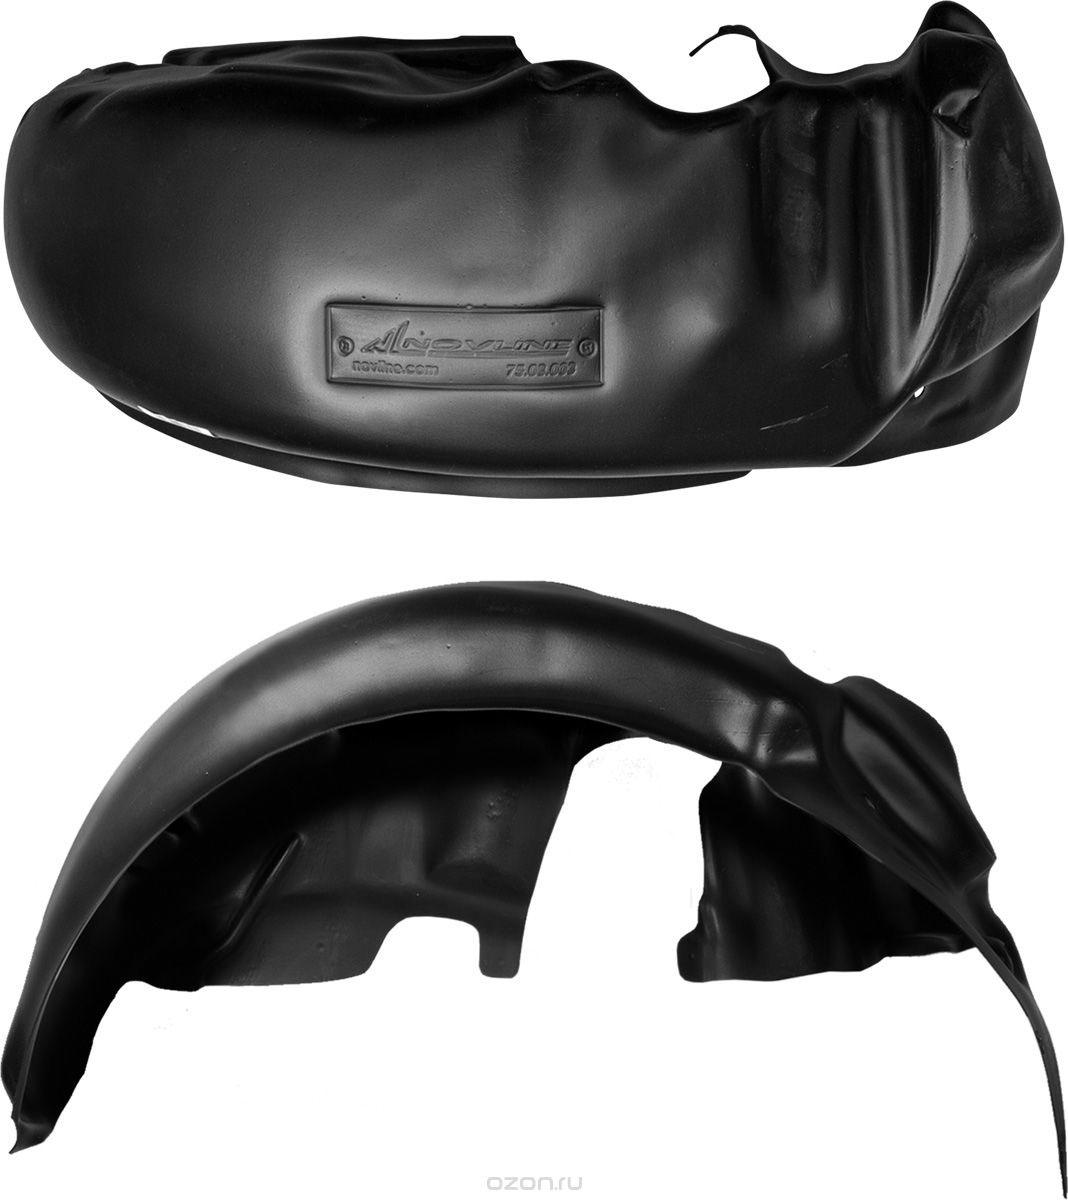 Подкрылок Novline-Autofamily, для CHERY Tiggo 01/2006-2013, 2013->, задний правыйDW90Идеальная защита колесной ниши. Локеры разработаны с применением цифровых технологий, гарантируют максимальную повторяемость поверхности арки. Изделия устанавливаются без нарушения лакокрасочного покрытия автомобиля, каждый подкрылок комплектуется крепежом. Уважаемые клиенты, обращаем ваше внимание, что фотографии на подкрылки универсальные и не отражают реальную форму изделия. При этом само изделие идет точно под размер указанного автомобиля.